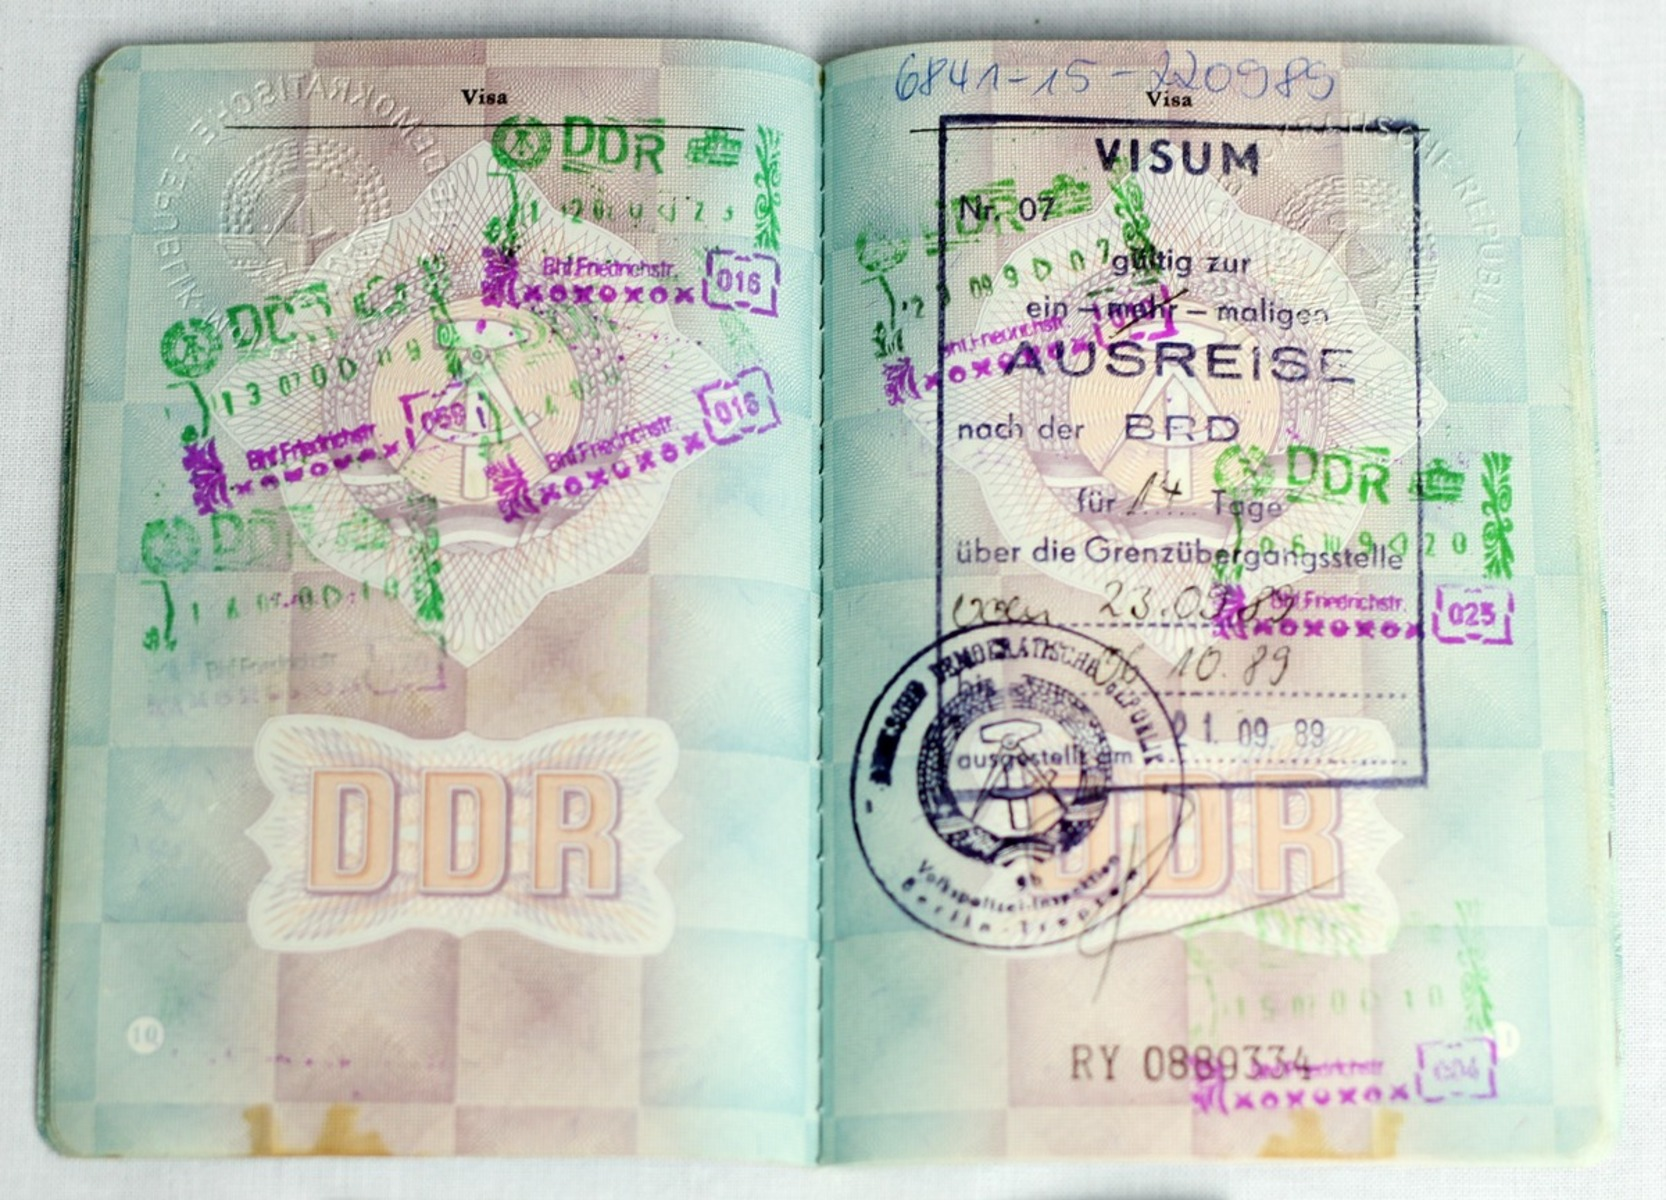 CD01-004-G50-M56-IMG_5763.jpg